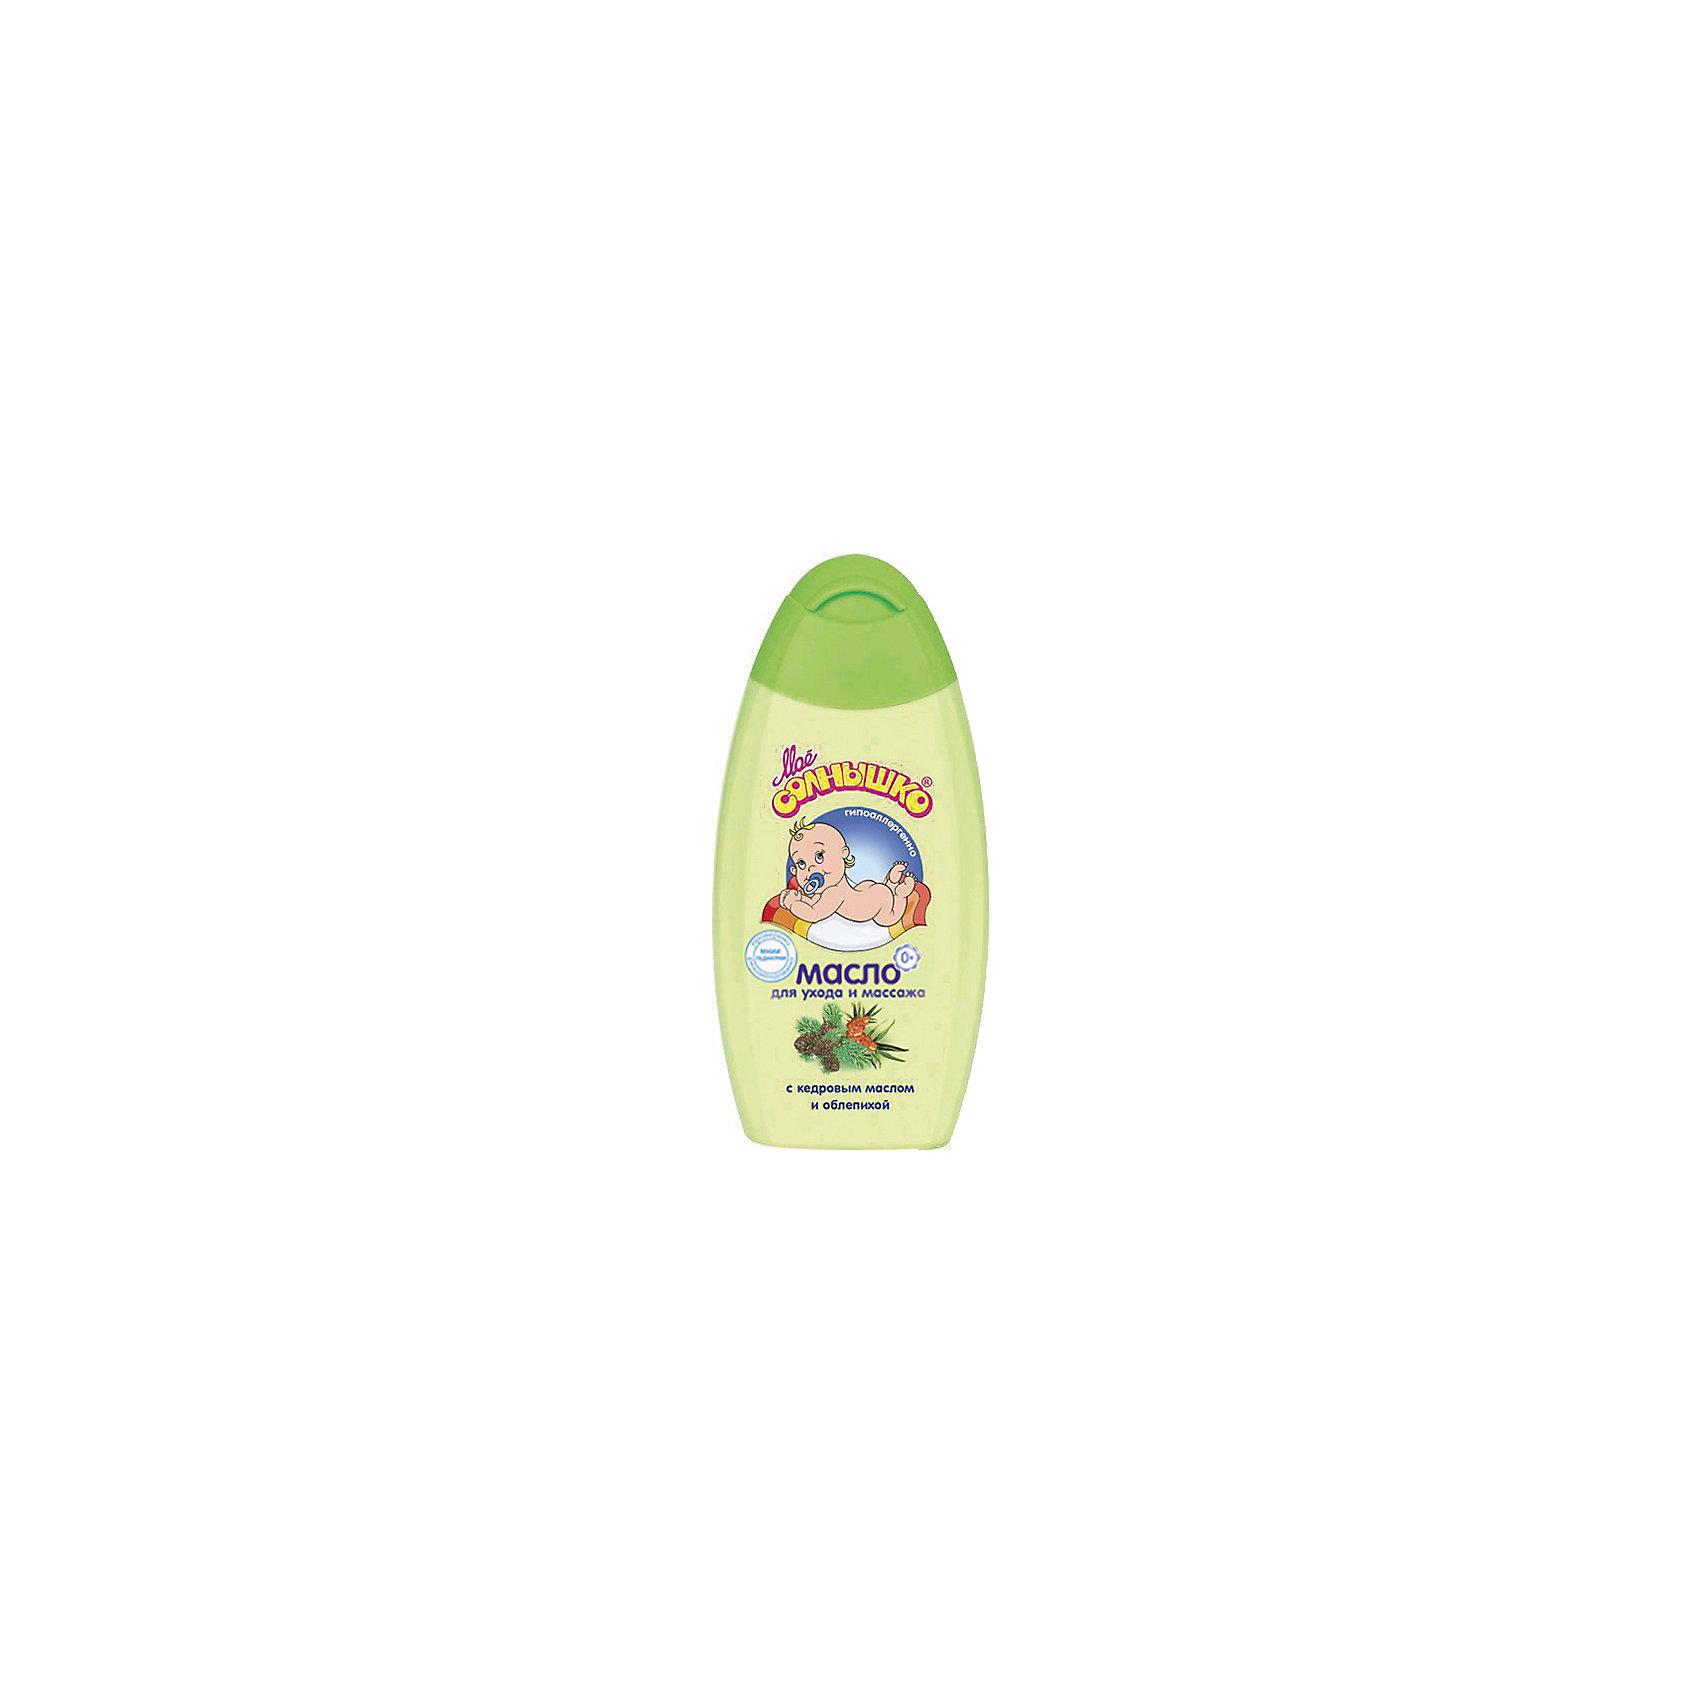 Масло для массажа 200 мл, Моё солнышкоМасло облепихи и витамин Е обладают восстанавливающим и защитным действием на кожу. Комплекс масел кедрового ореха и кедрового стланика обладает приятным ароматом, который благотворно влияет на дыхательные пути, способствует активизации кровообращения и насыщения тканей кислородом.<br><br>Ширина мм: 75<br>Глубина мм: 35<br>Высота мм: 160<br>Вес г: 220<br>Возраст от месяцев: 0<br>Возраст до месяцев: 36<br>Пол: Унисекс<br>Возраст: Детский<br>SKU: 4124448